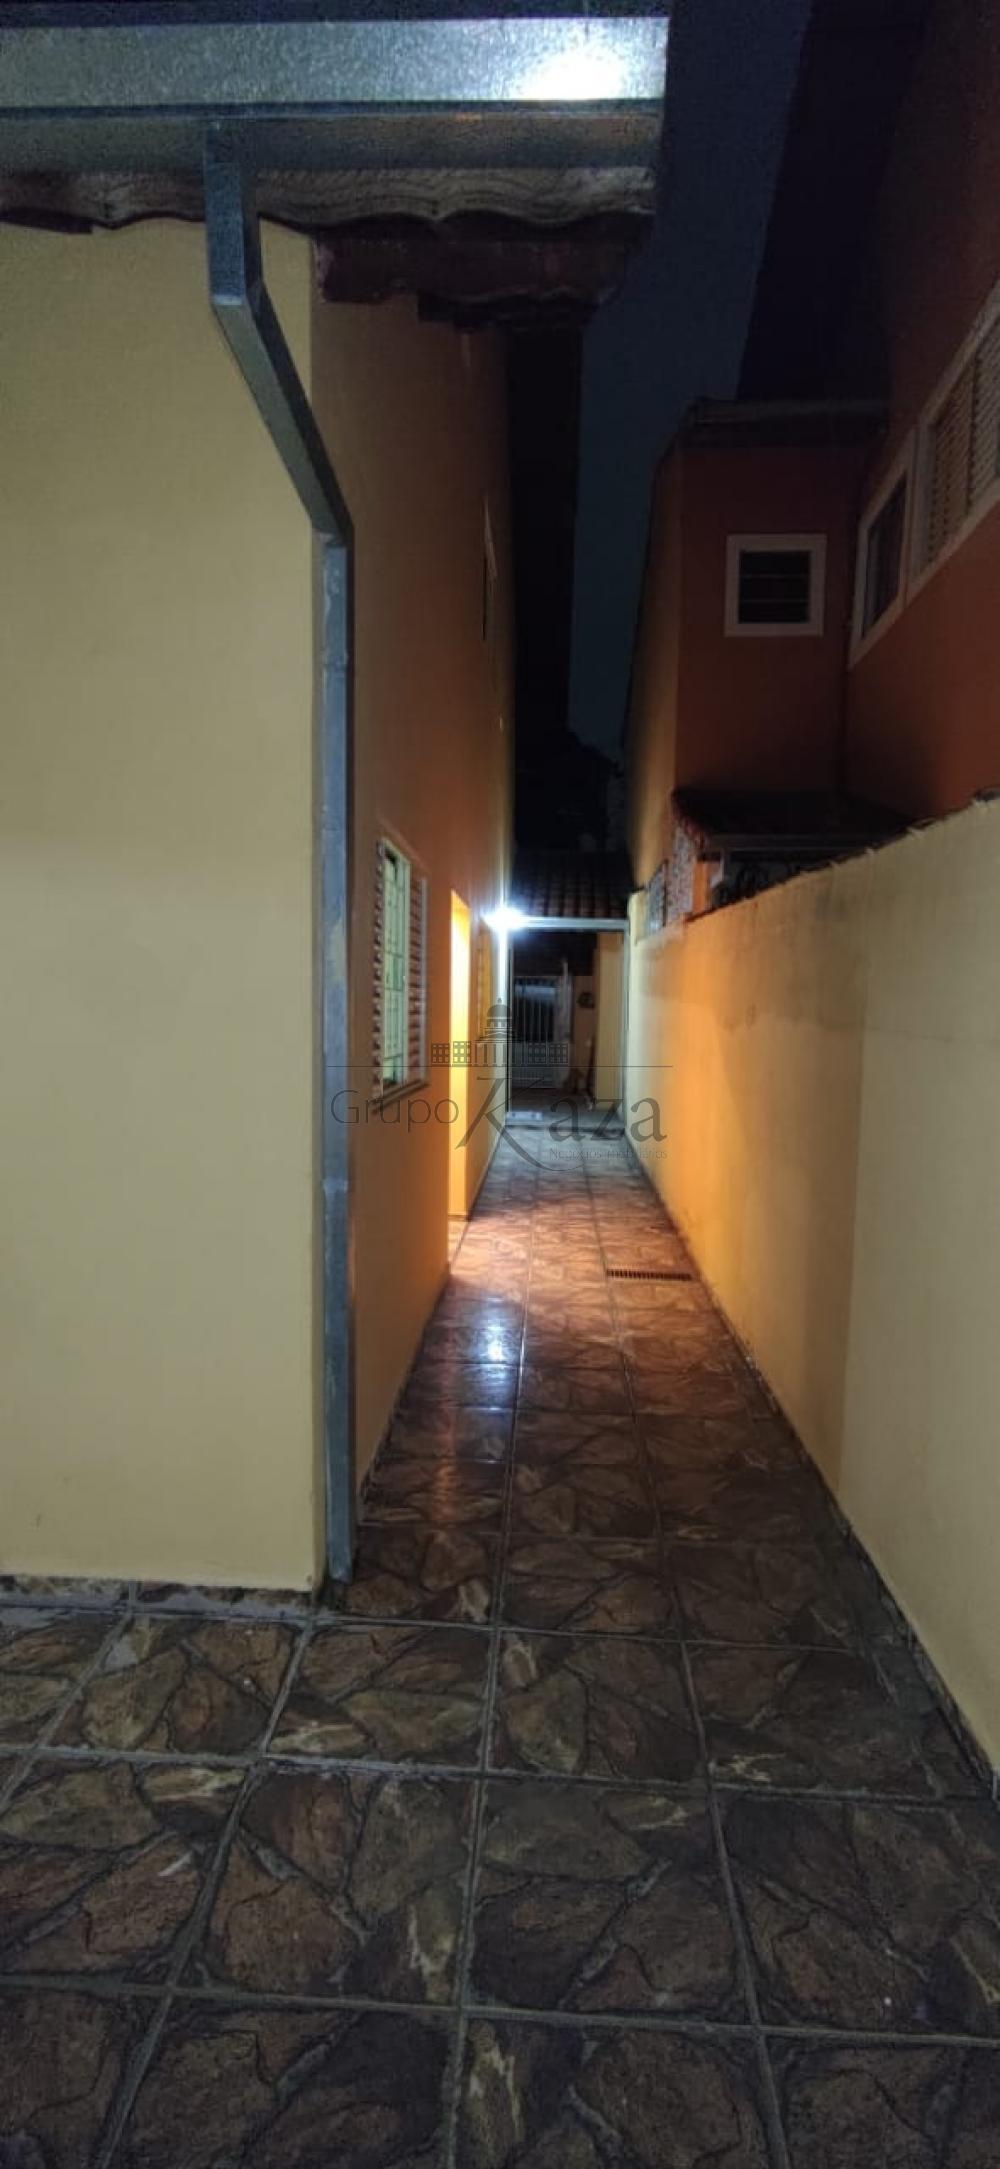 alt='Comprar Casa / Sobrado em São José dos Campos R$ 430.000,00 - Foto 24' title='Comprar Casa / Sobrado em São José dos Campos R$ 430.000,00 - Foto 24'